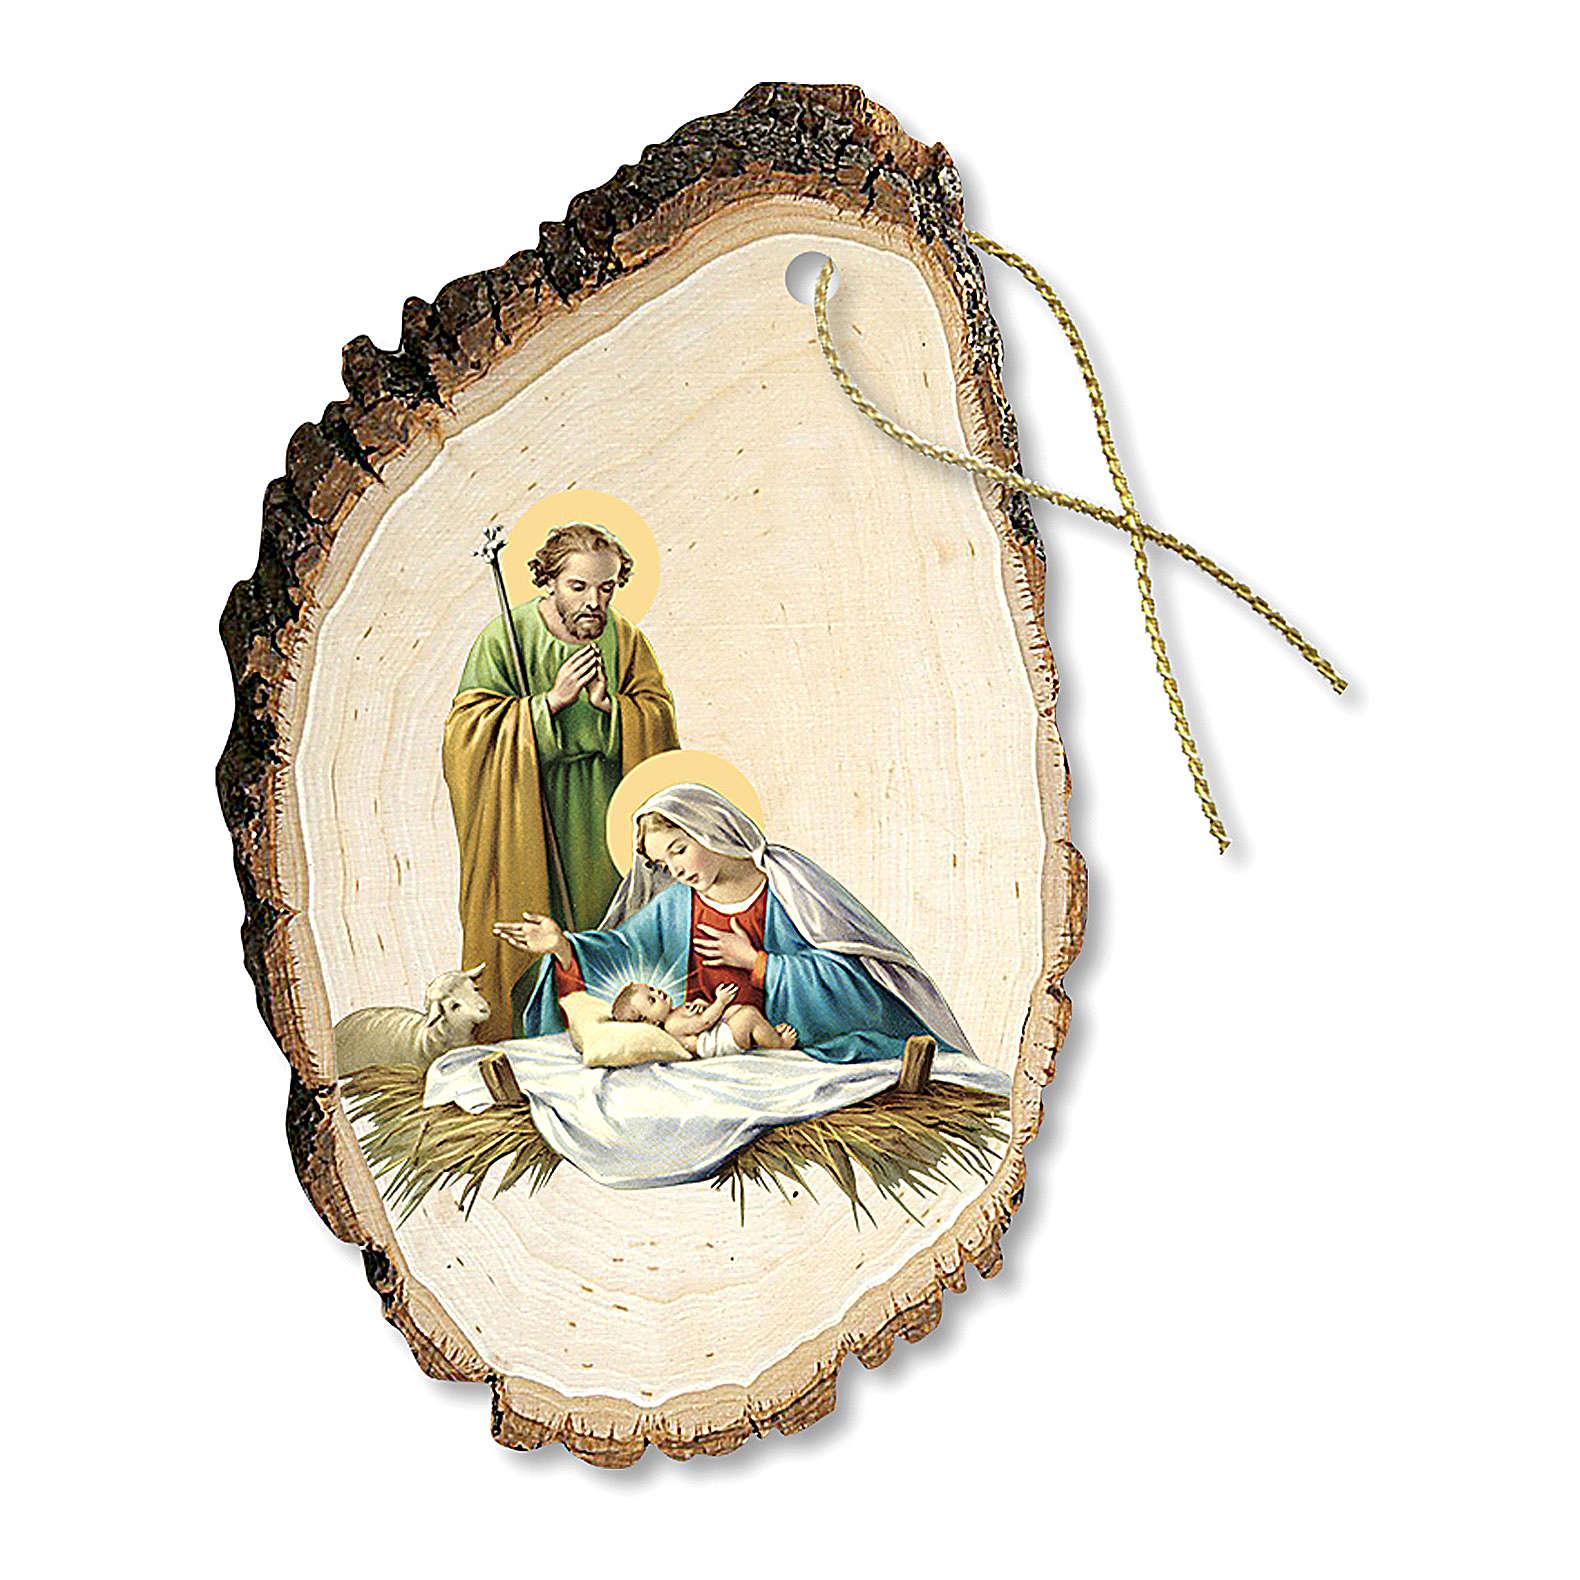 Décoration de Noël bois façonné Sainte Famille et Enfant Jésus 4